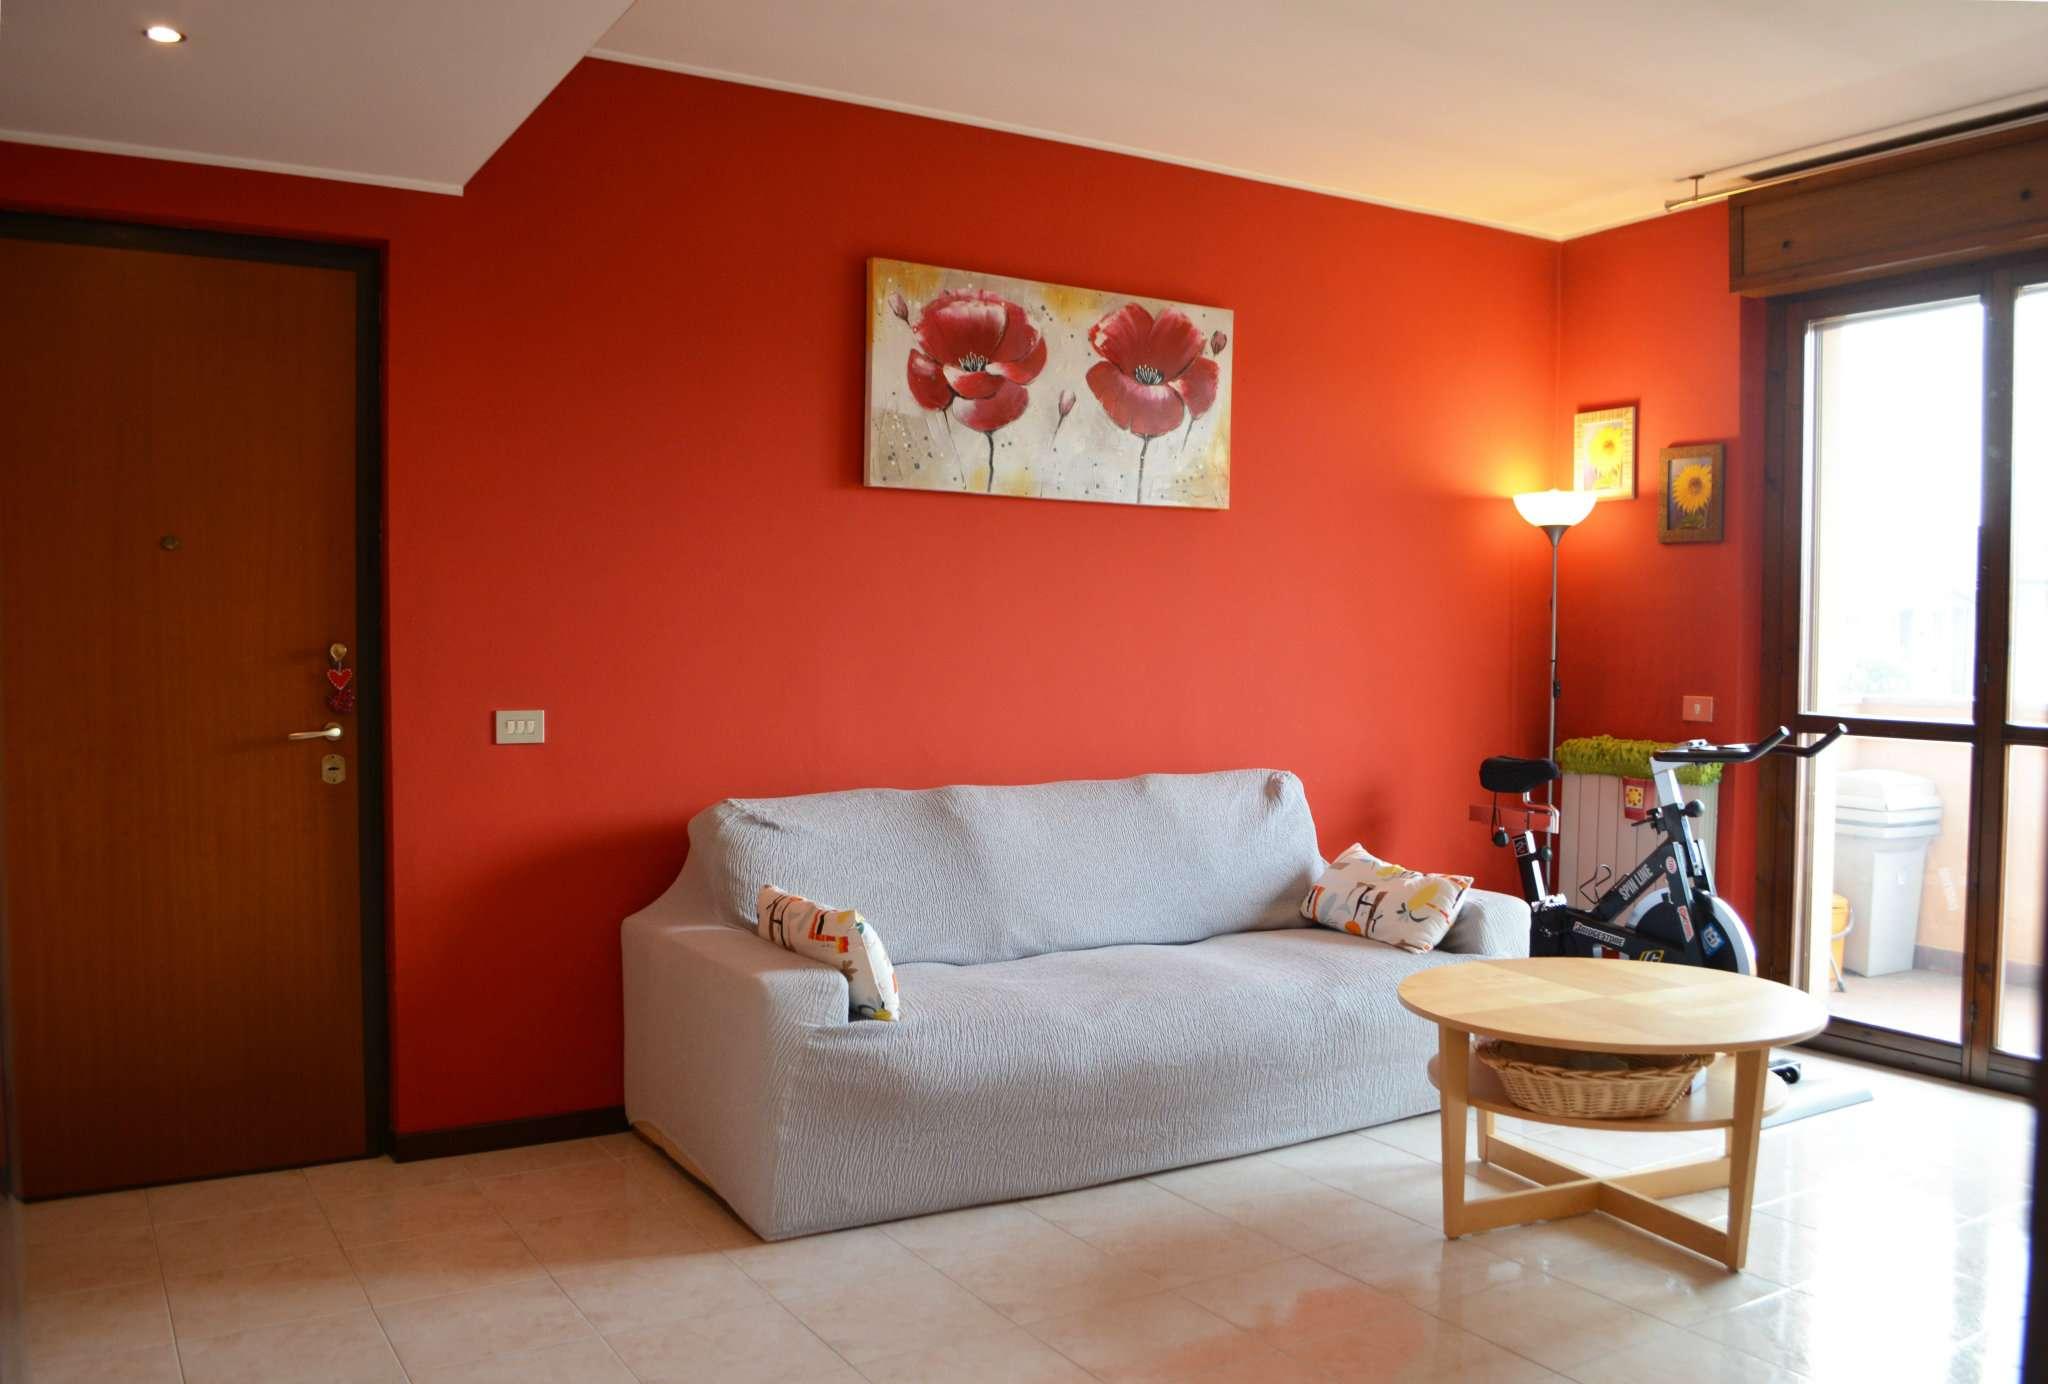 Appartamento in vendita a Pantigliate, 2 locali, prezzo € 150.000 | CambioCasa.it